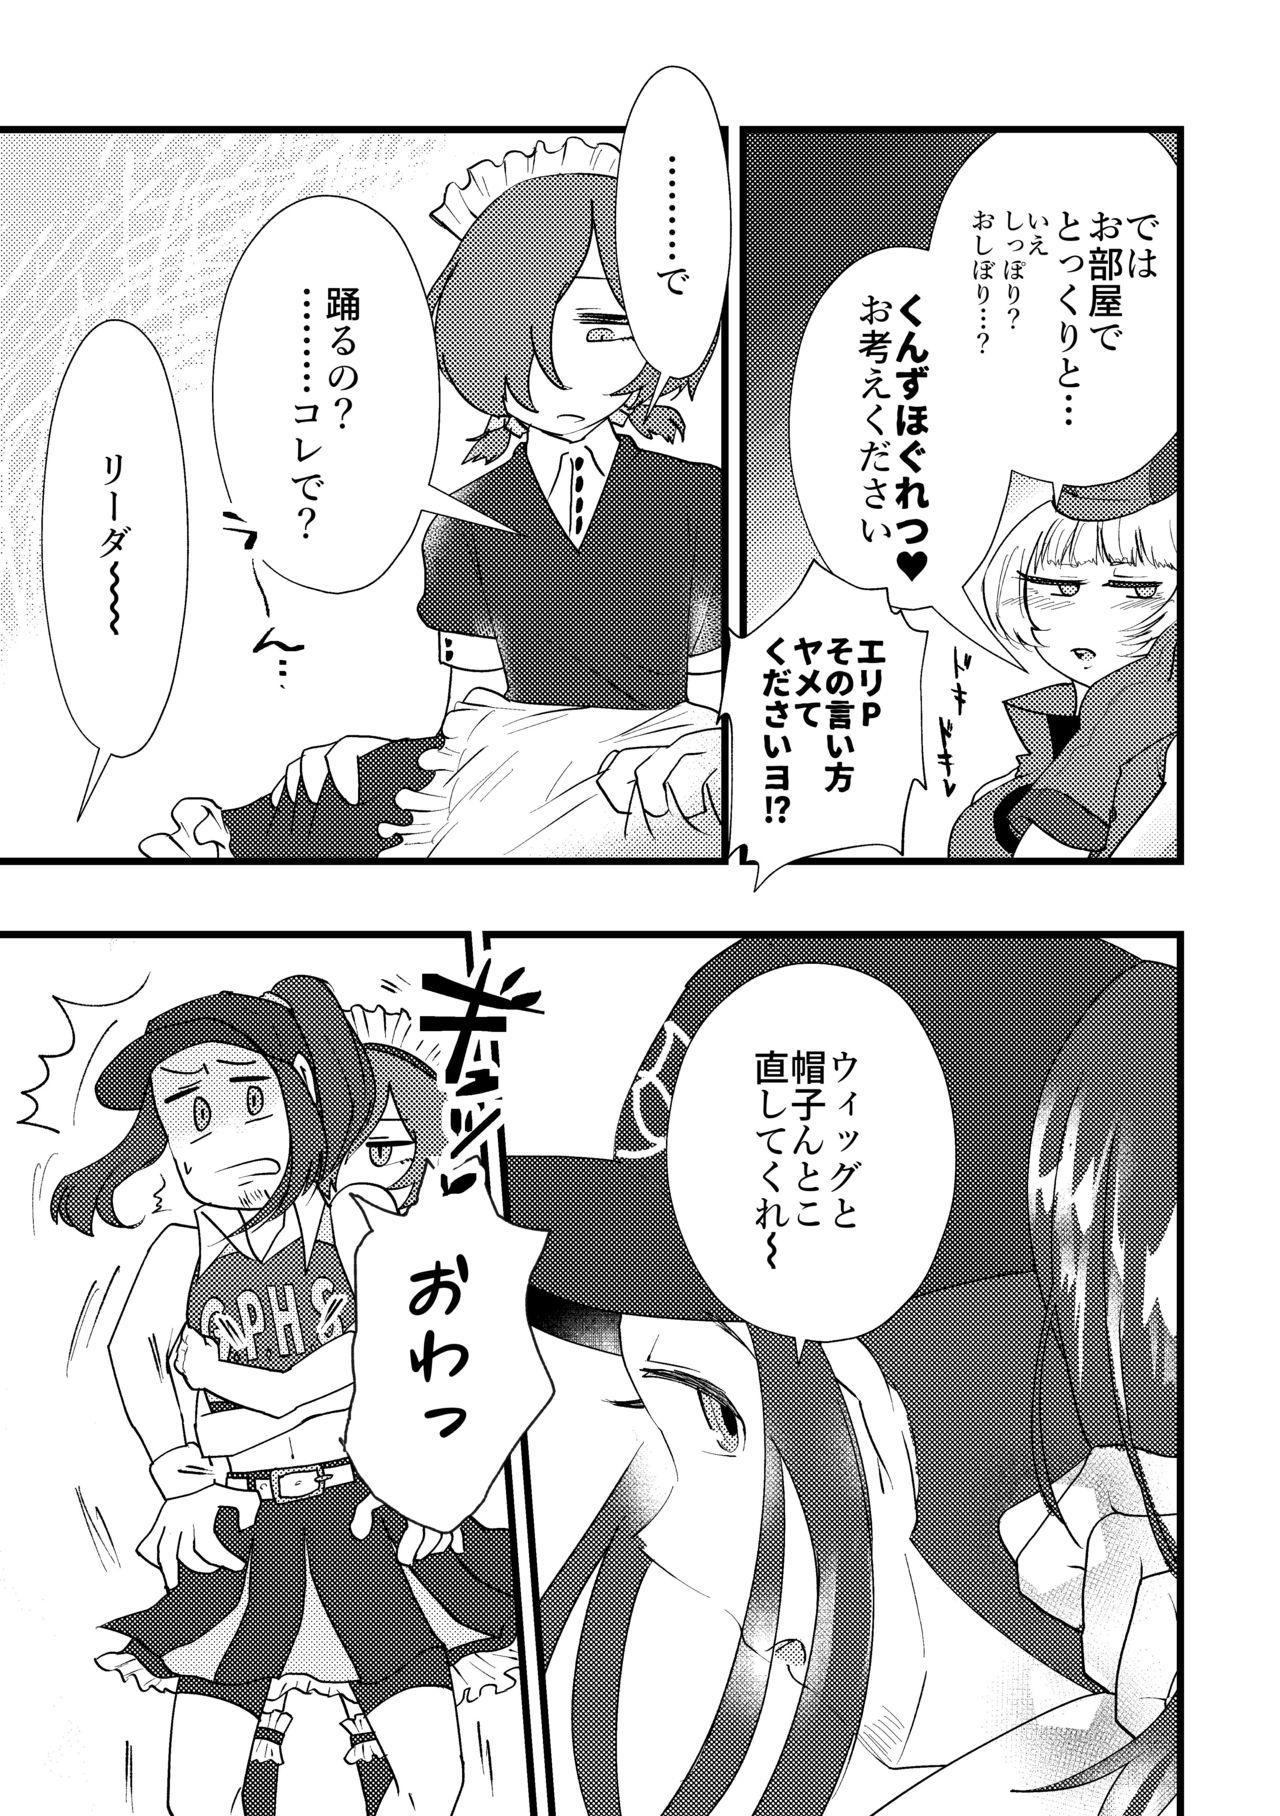 Maid x Cheer P3Hero x Junpei 5